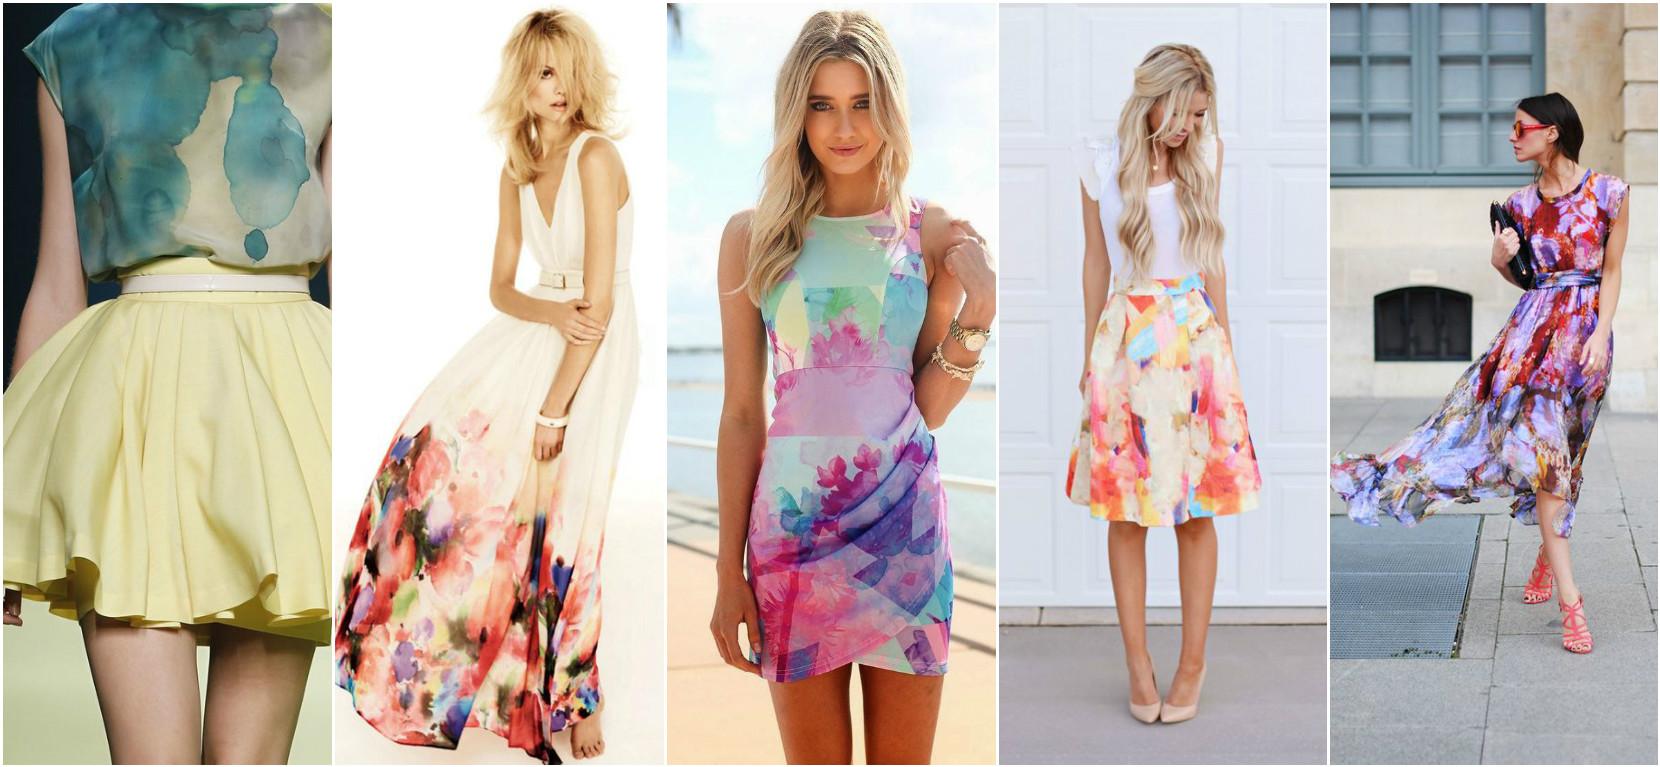 Модные тенденции 2017 - цветочный принт